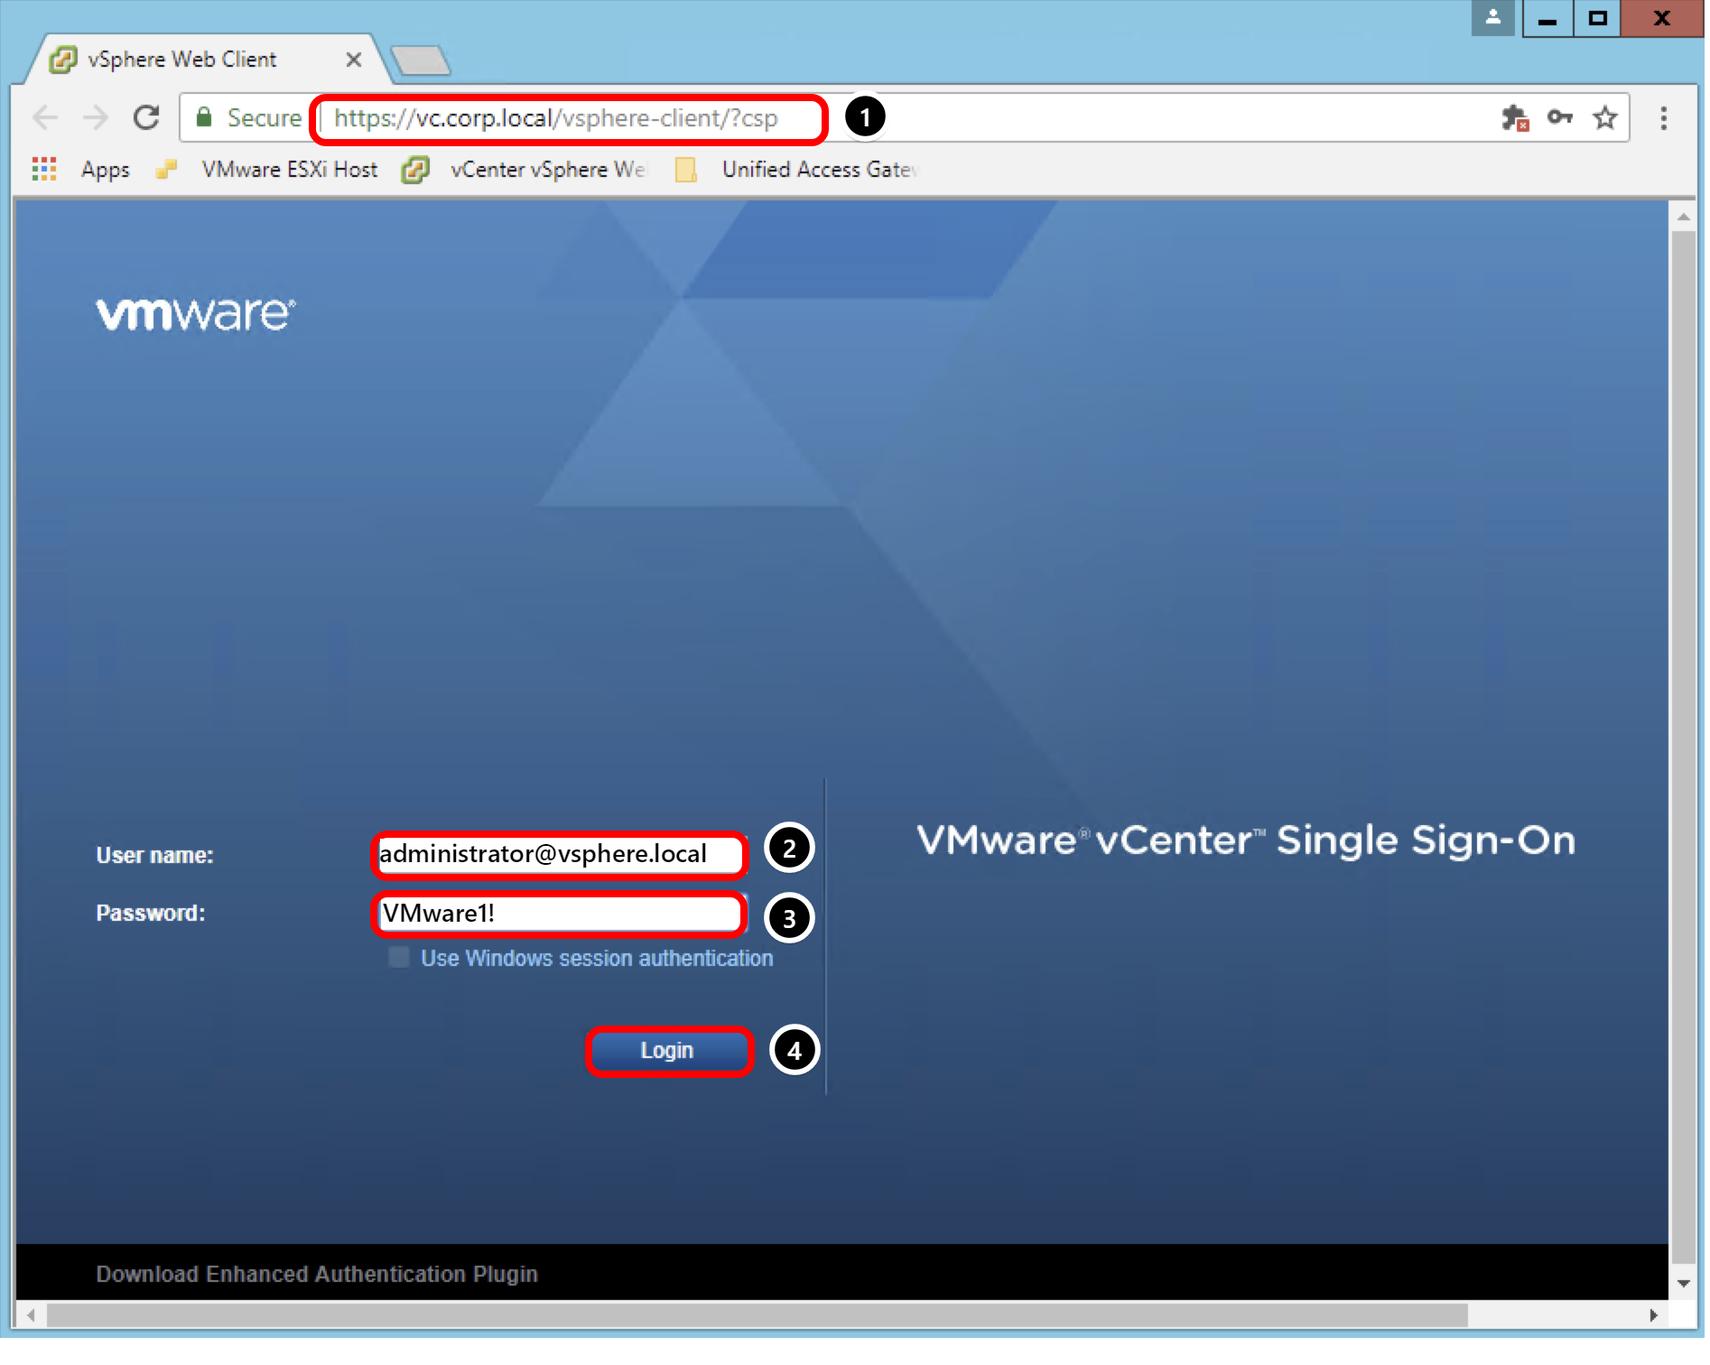 Authenticate to the vCenter vSphere Web Client (Content Locker, airwatch, airwatch content locker, vmware content locker)